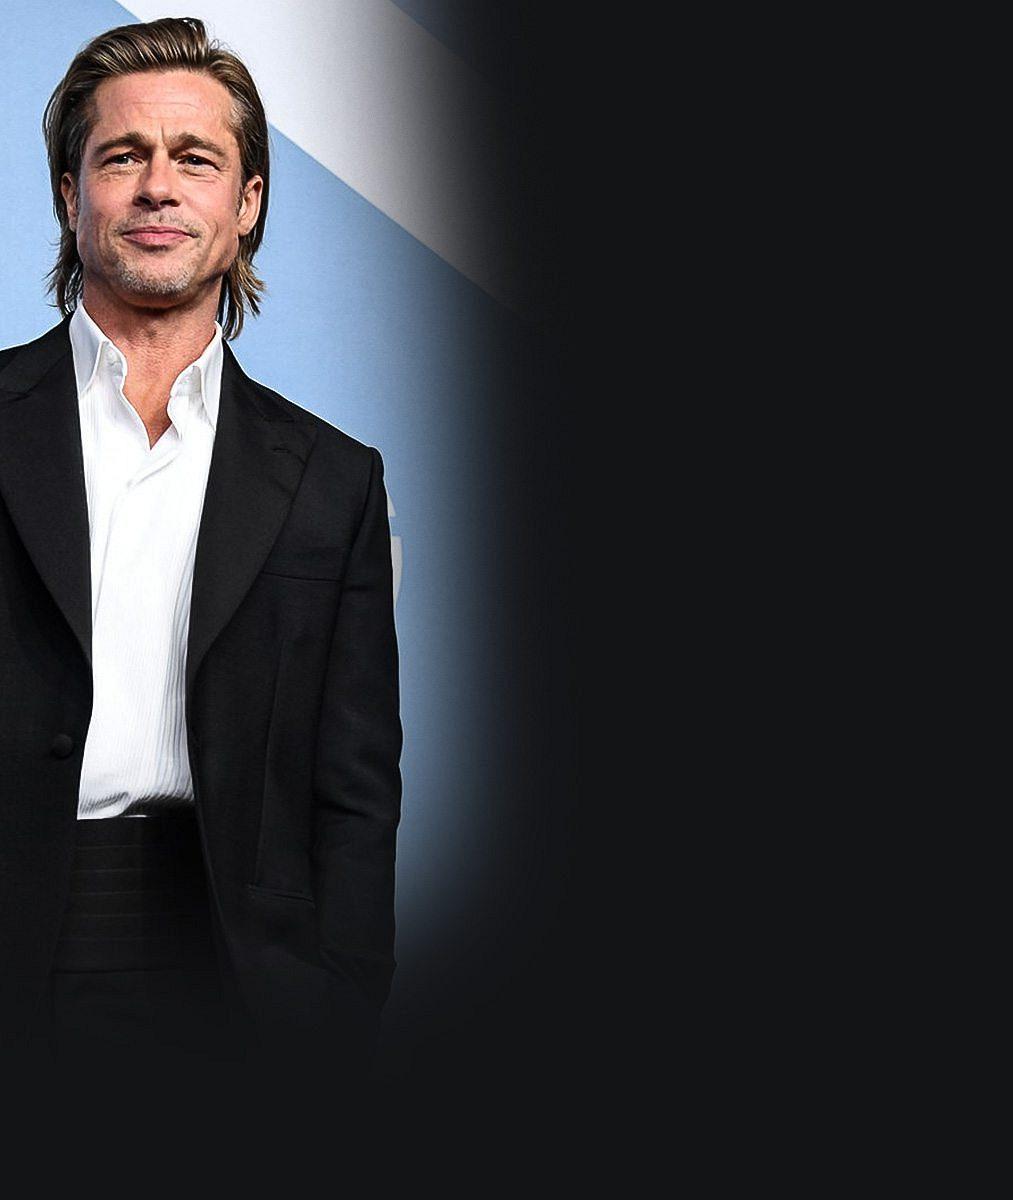 10nejkrásnějších mužů planety dle řeckého ideálu krásy: Robert Pattinson je dokonalost sama